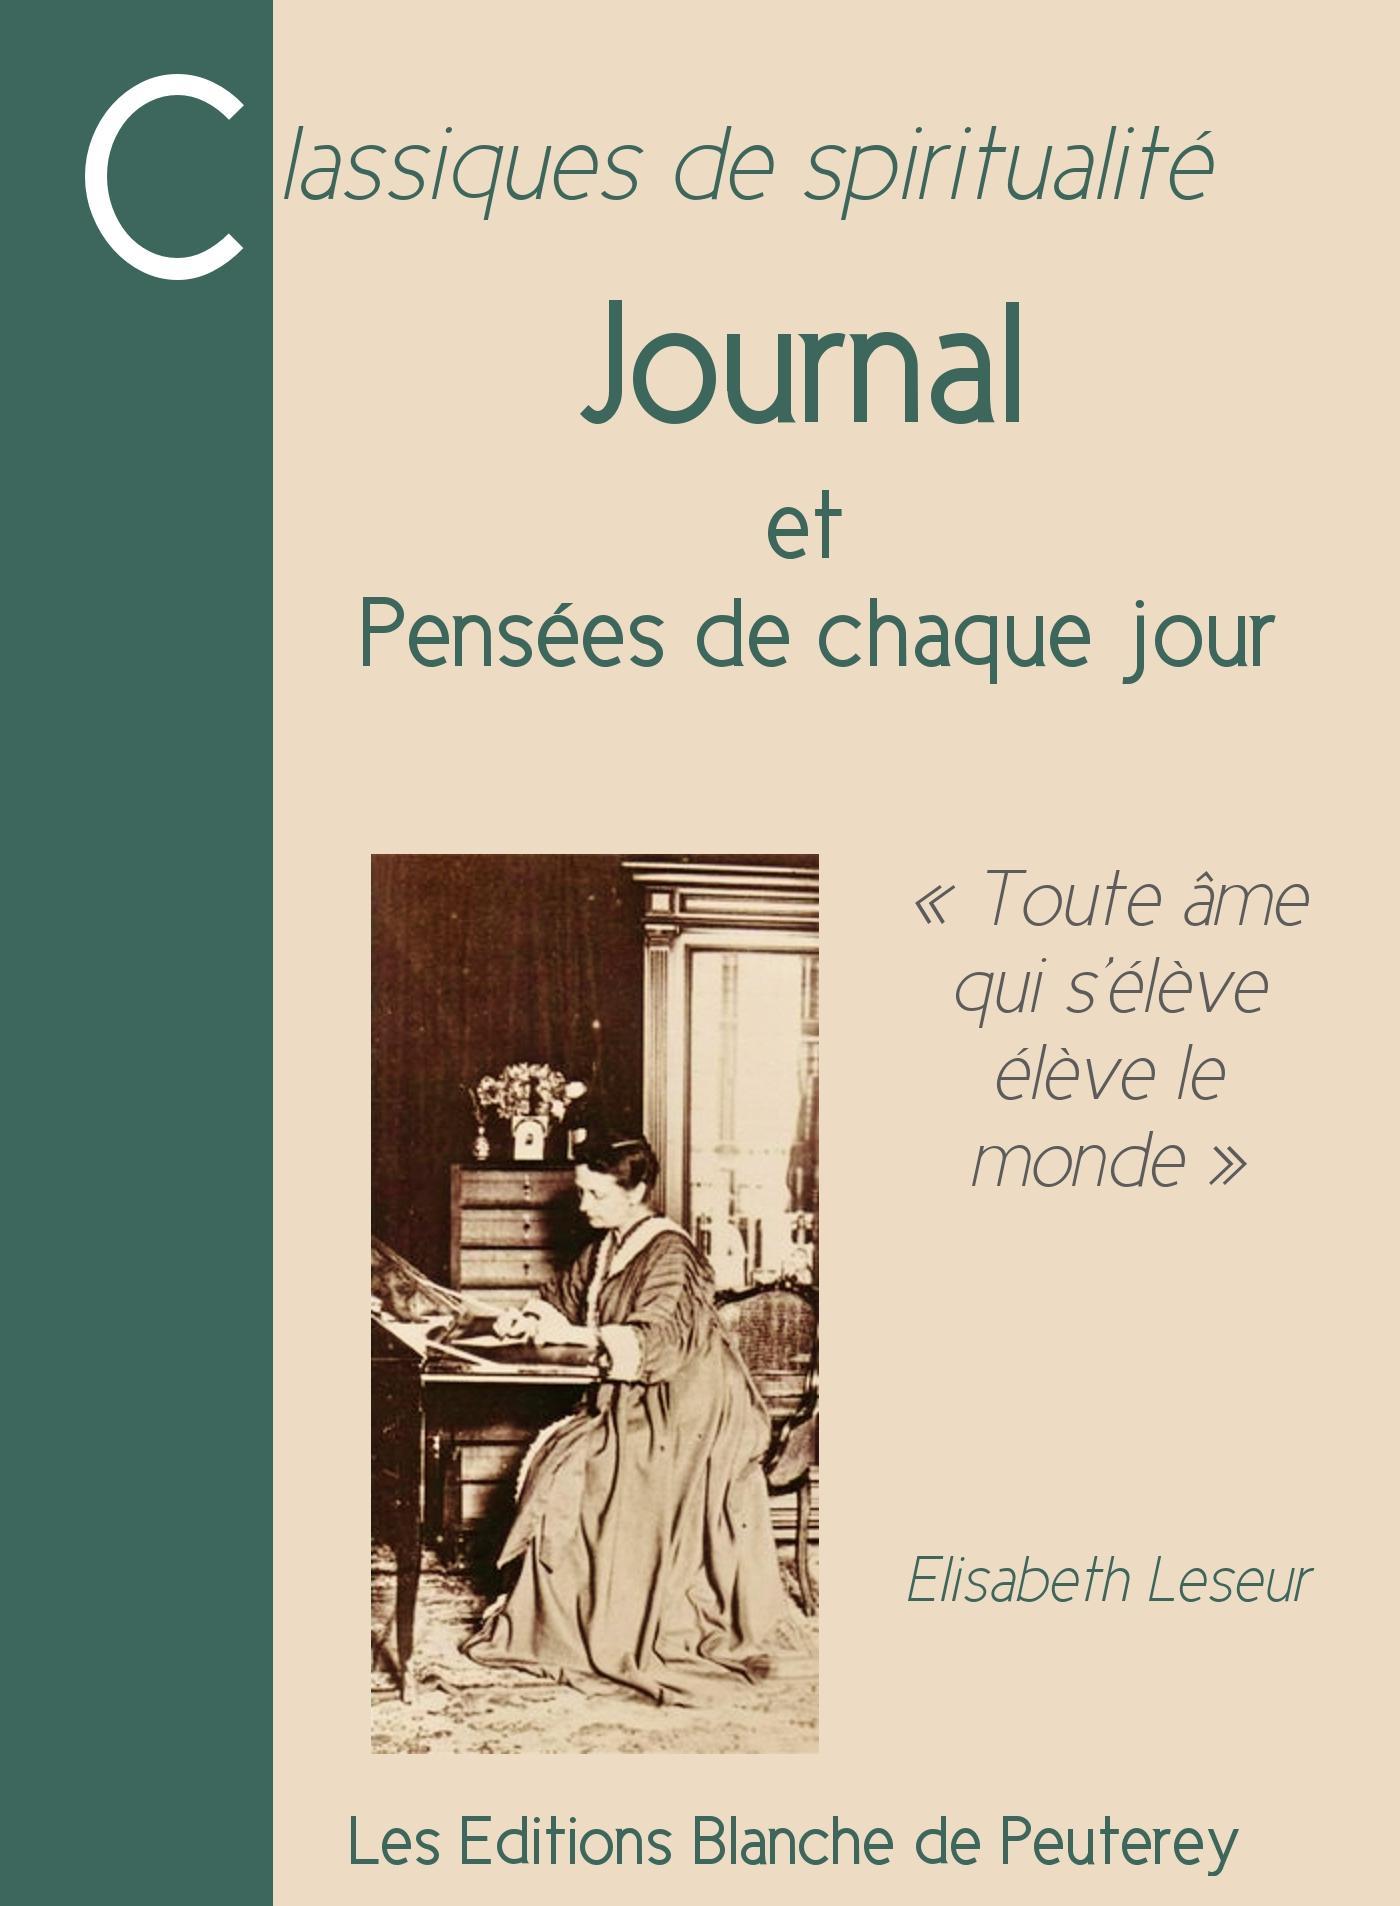 Journal, ET PENSÉES DE CHAQUE JOUR